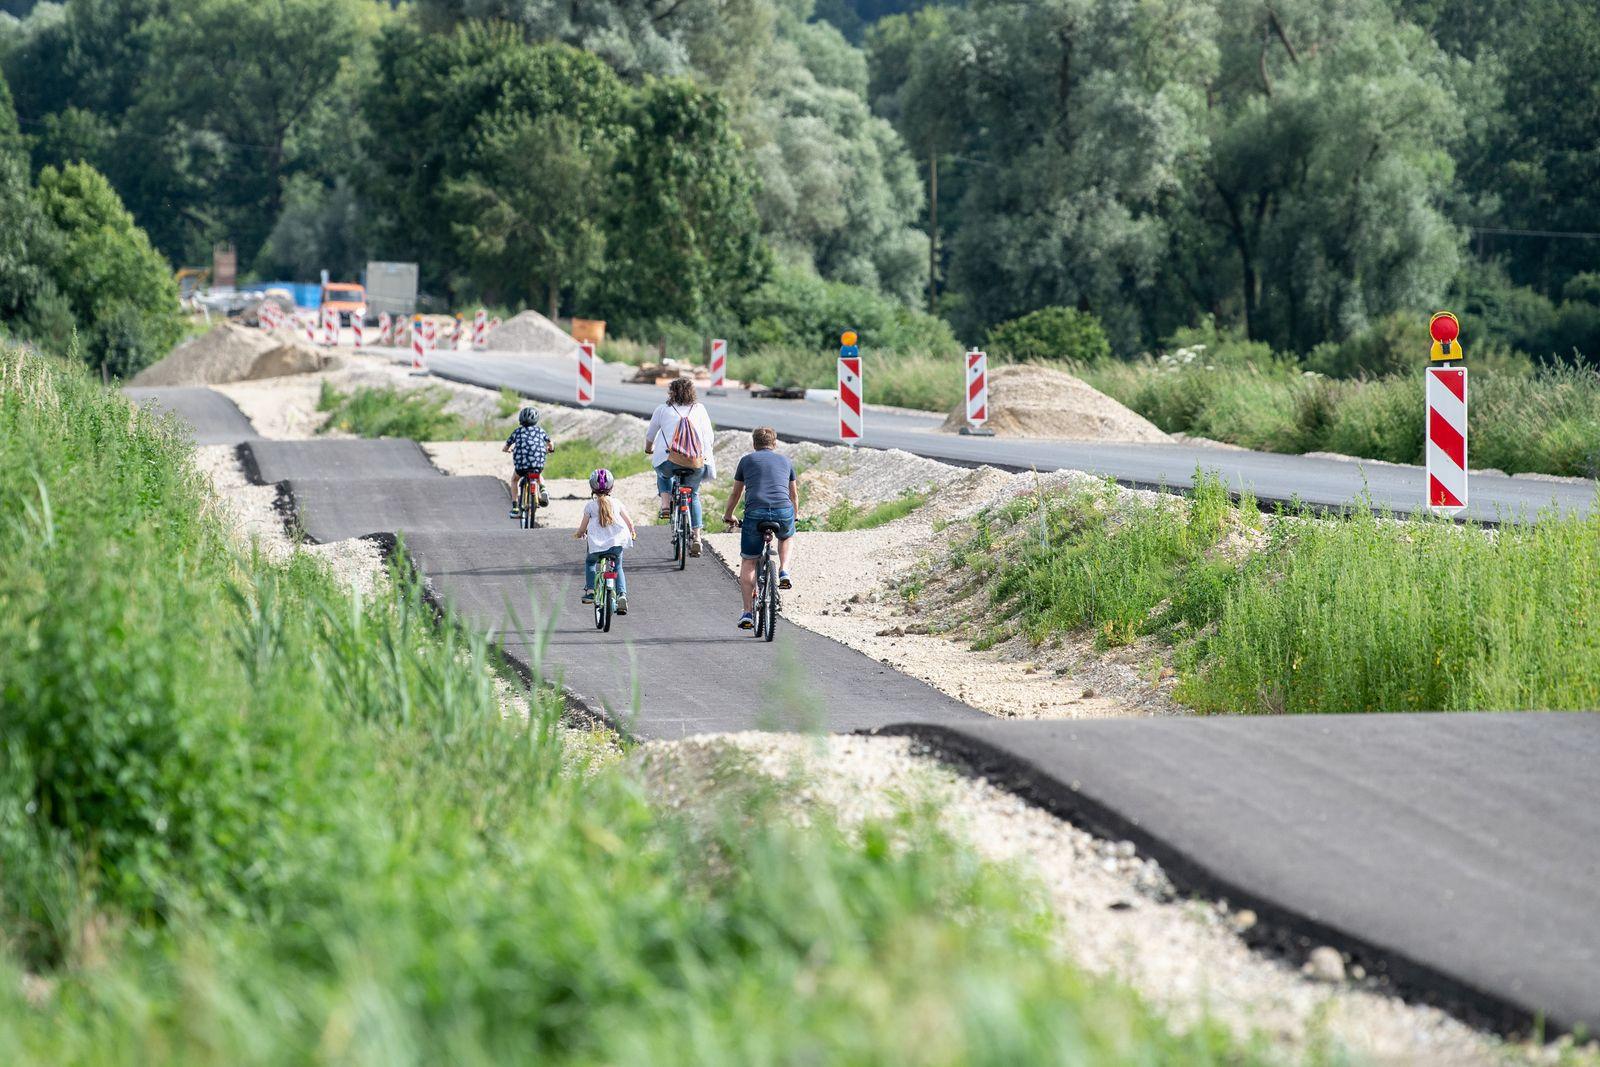 Fünf Hügel auf 500 Metern: Verwunderung wegen «Erlebnis-Radweg»